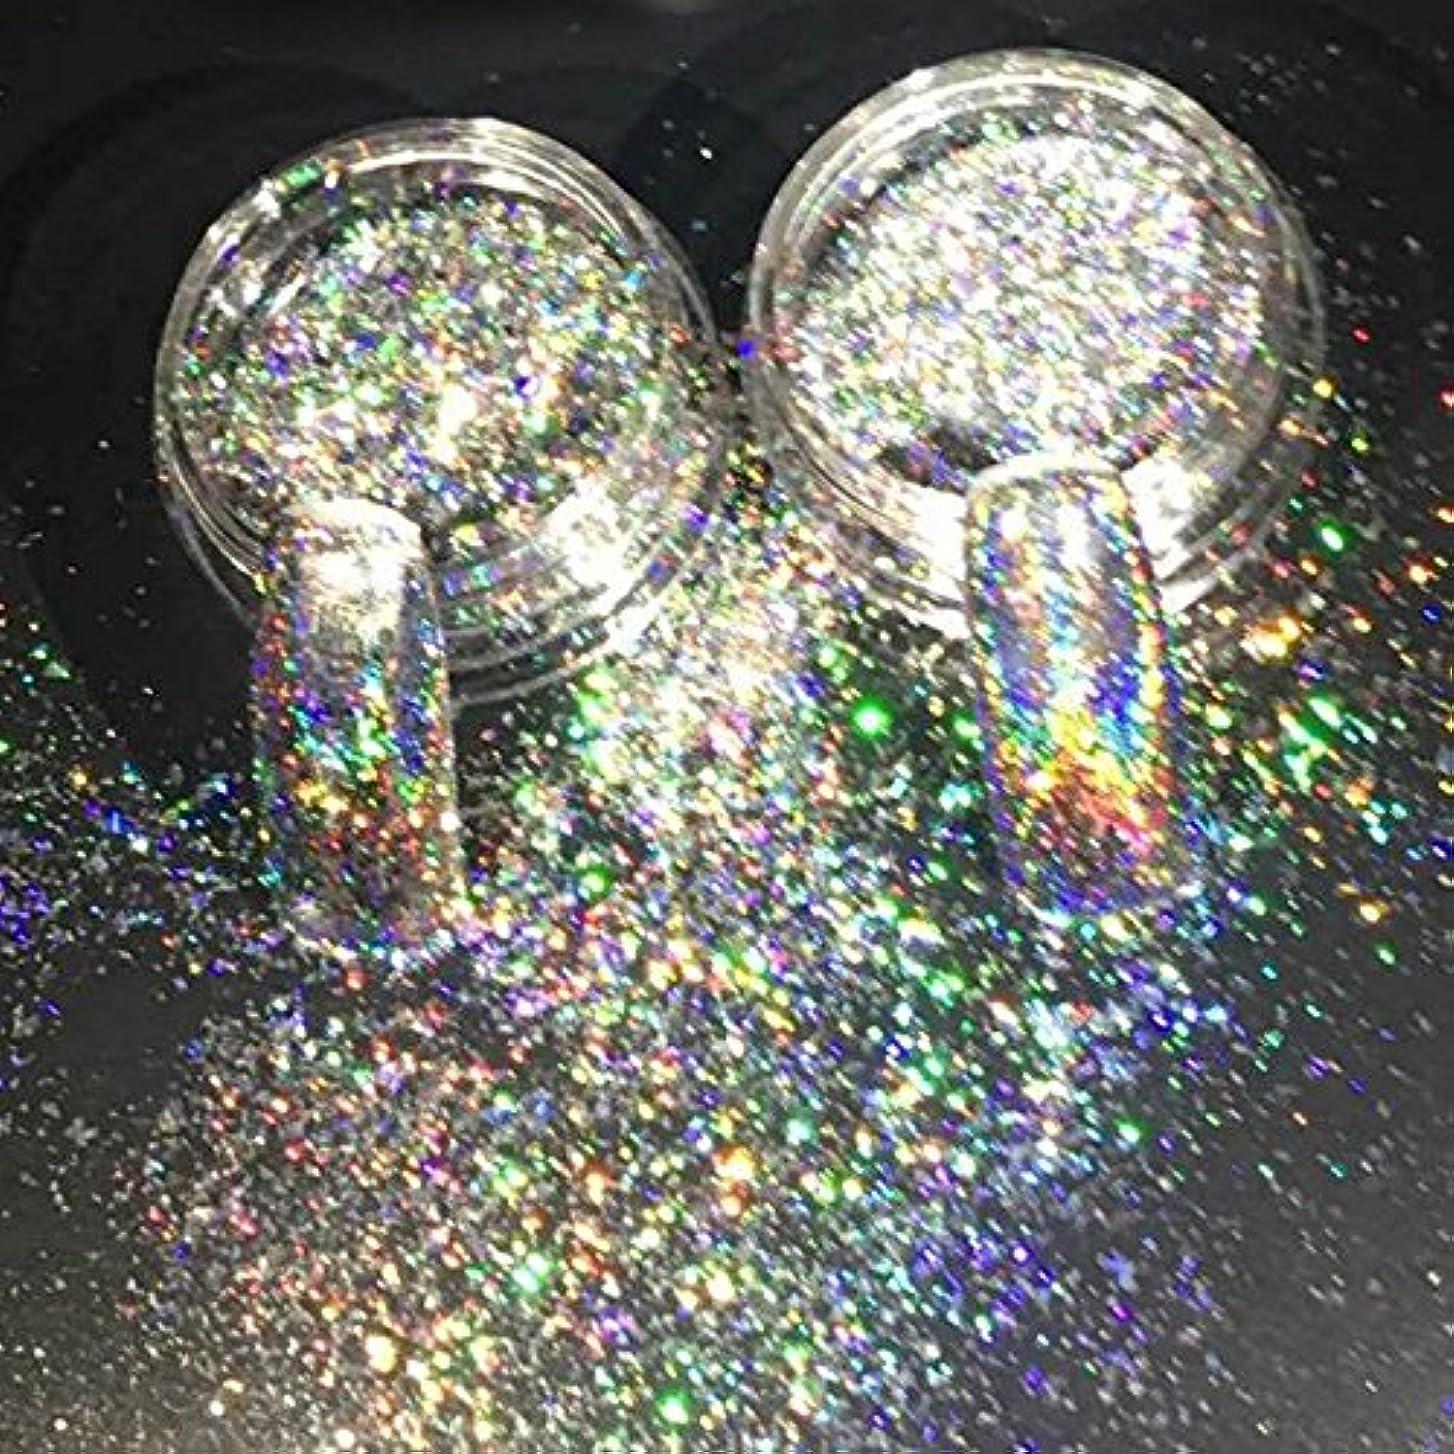 提出する麻酔薬混沌New Nail Glitters Galaxy Holo Flakes 0.2g/box Laser Bling Rainbow Flecks Chrome Magic Effect Irregular Nail Art...